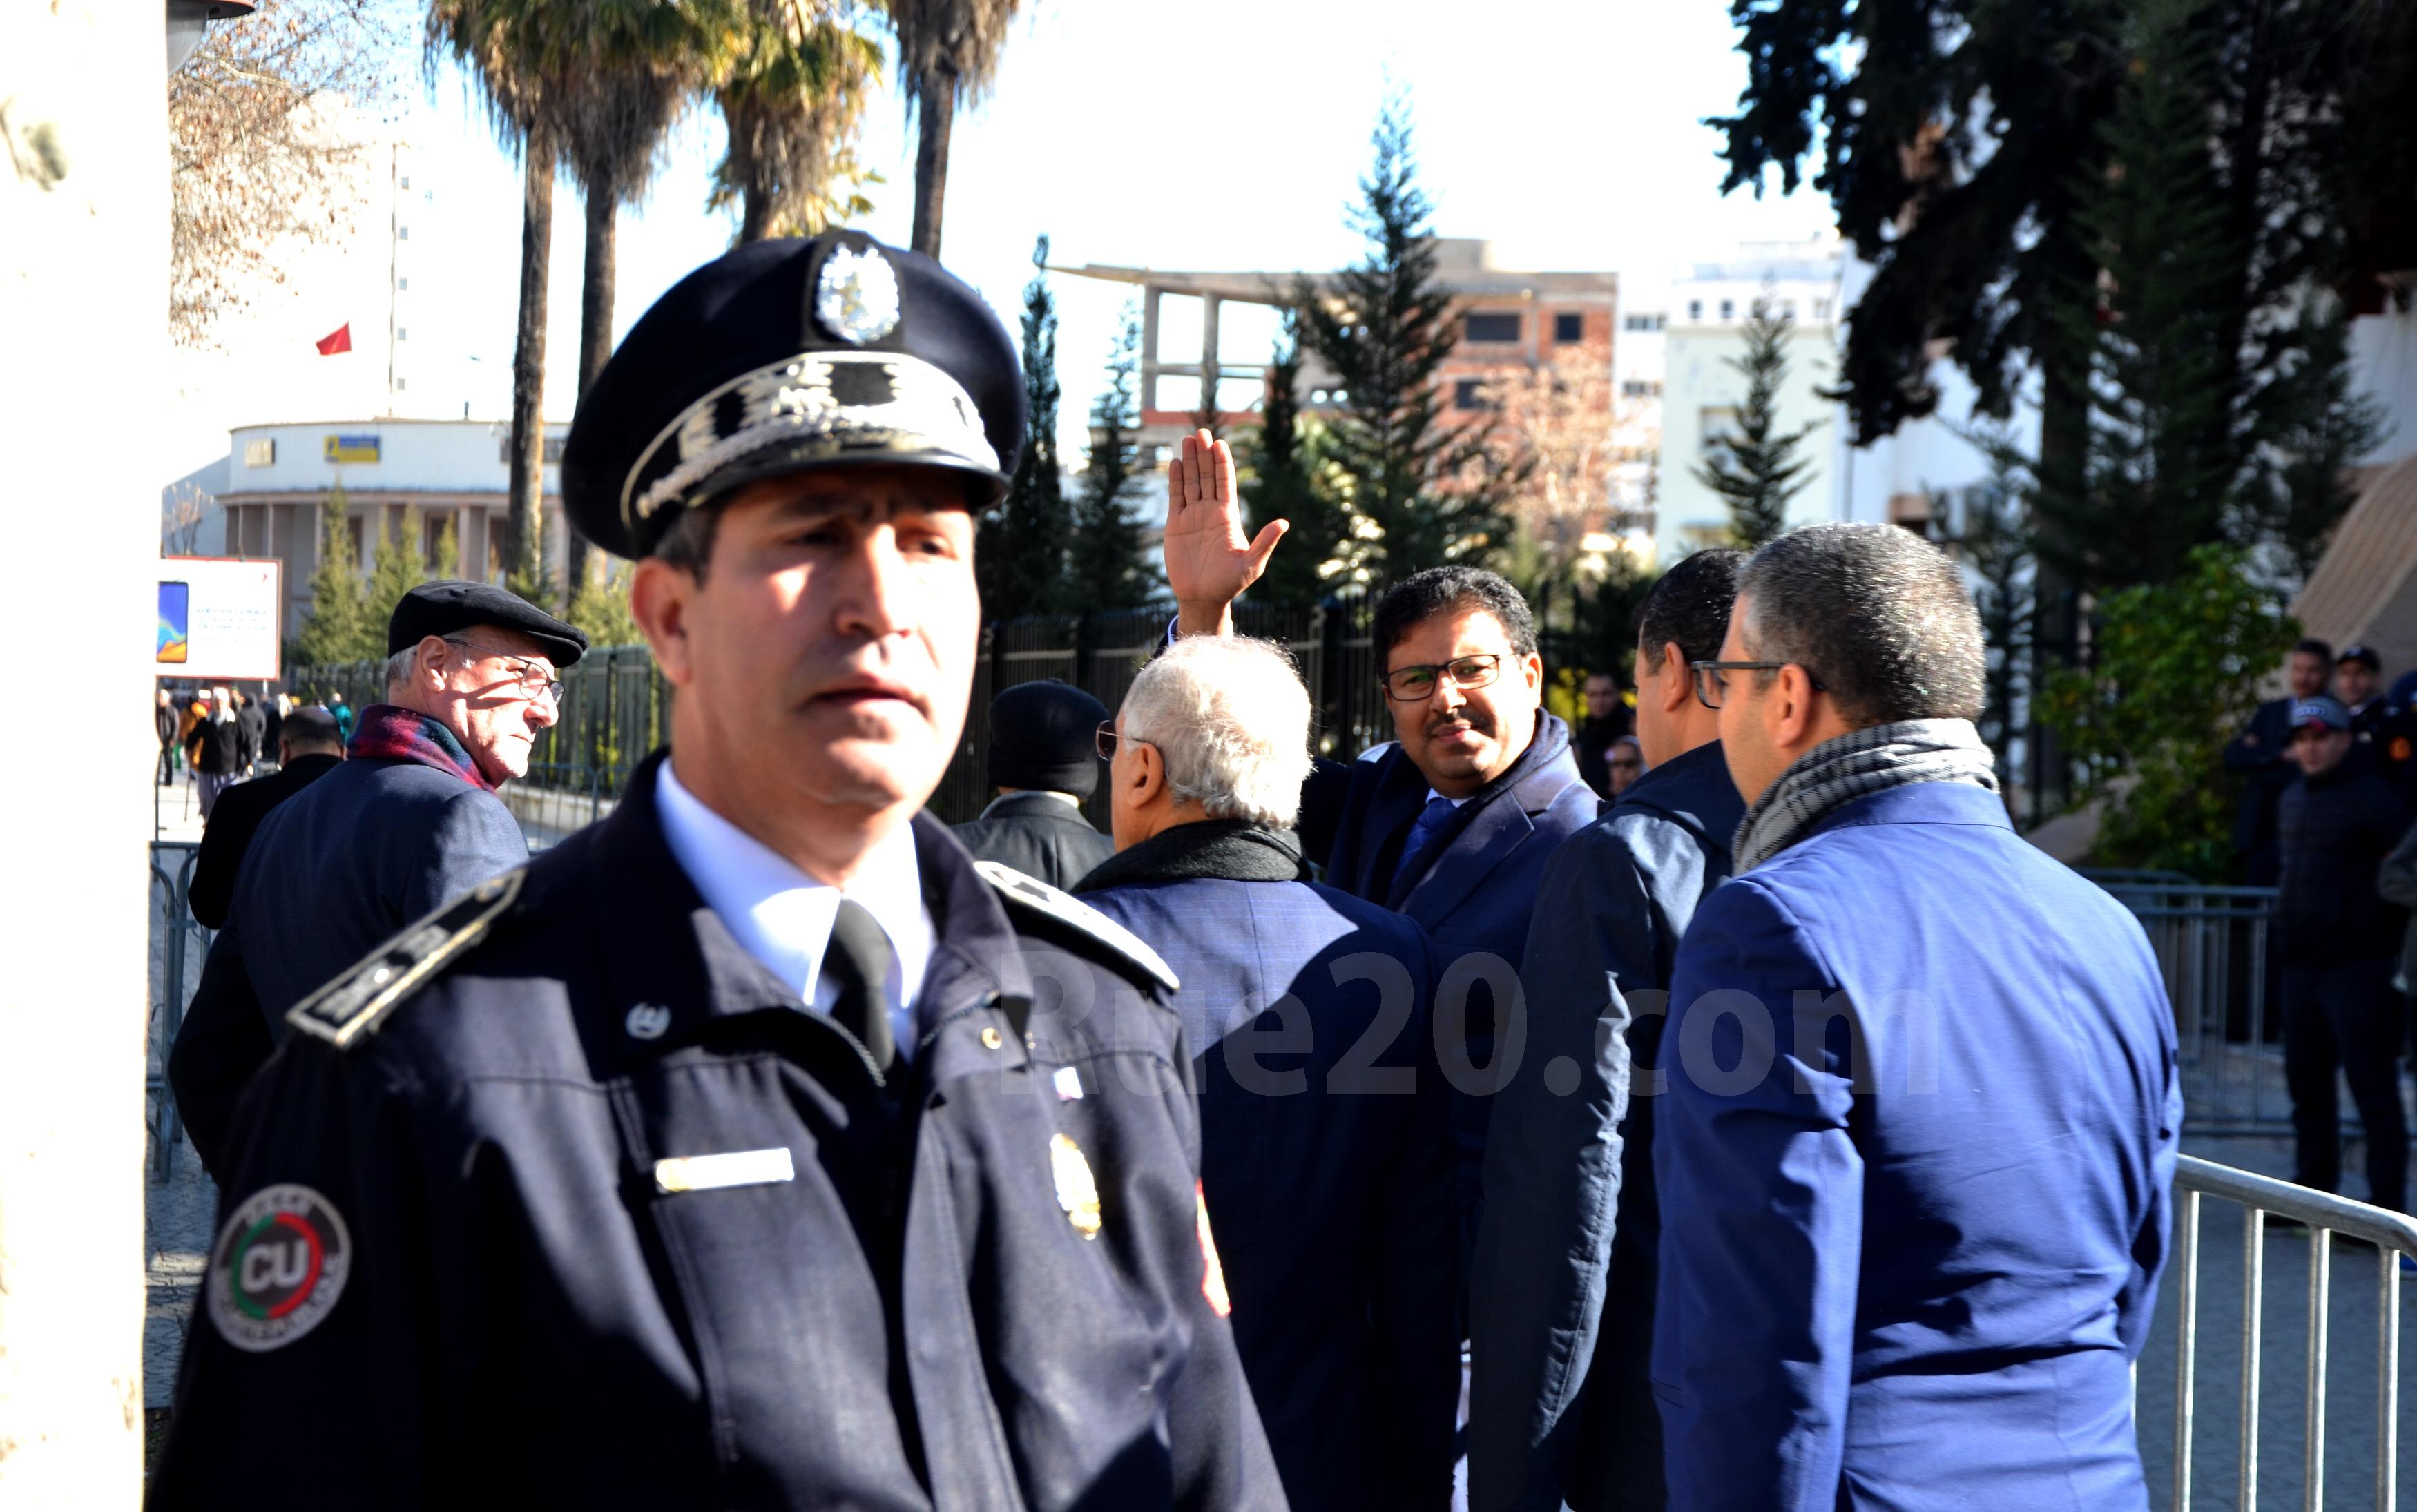 وزراء وبرلمانيو البيجيدي يتخلونٓ عن 'حمي الدين' في ثاني جلسات محاكمته وإعتقاله من داخل الجلسة وارد